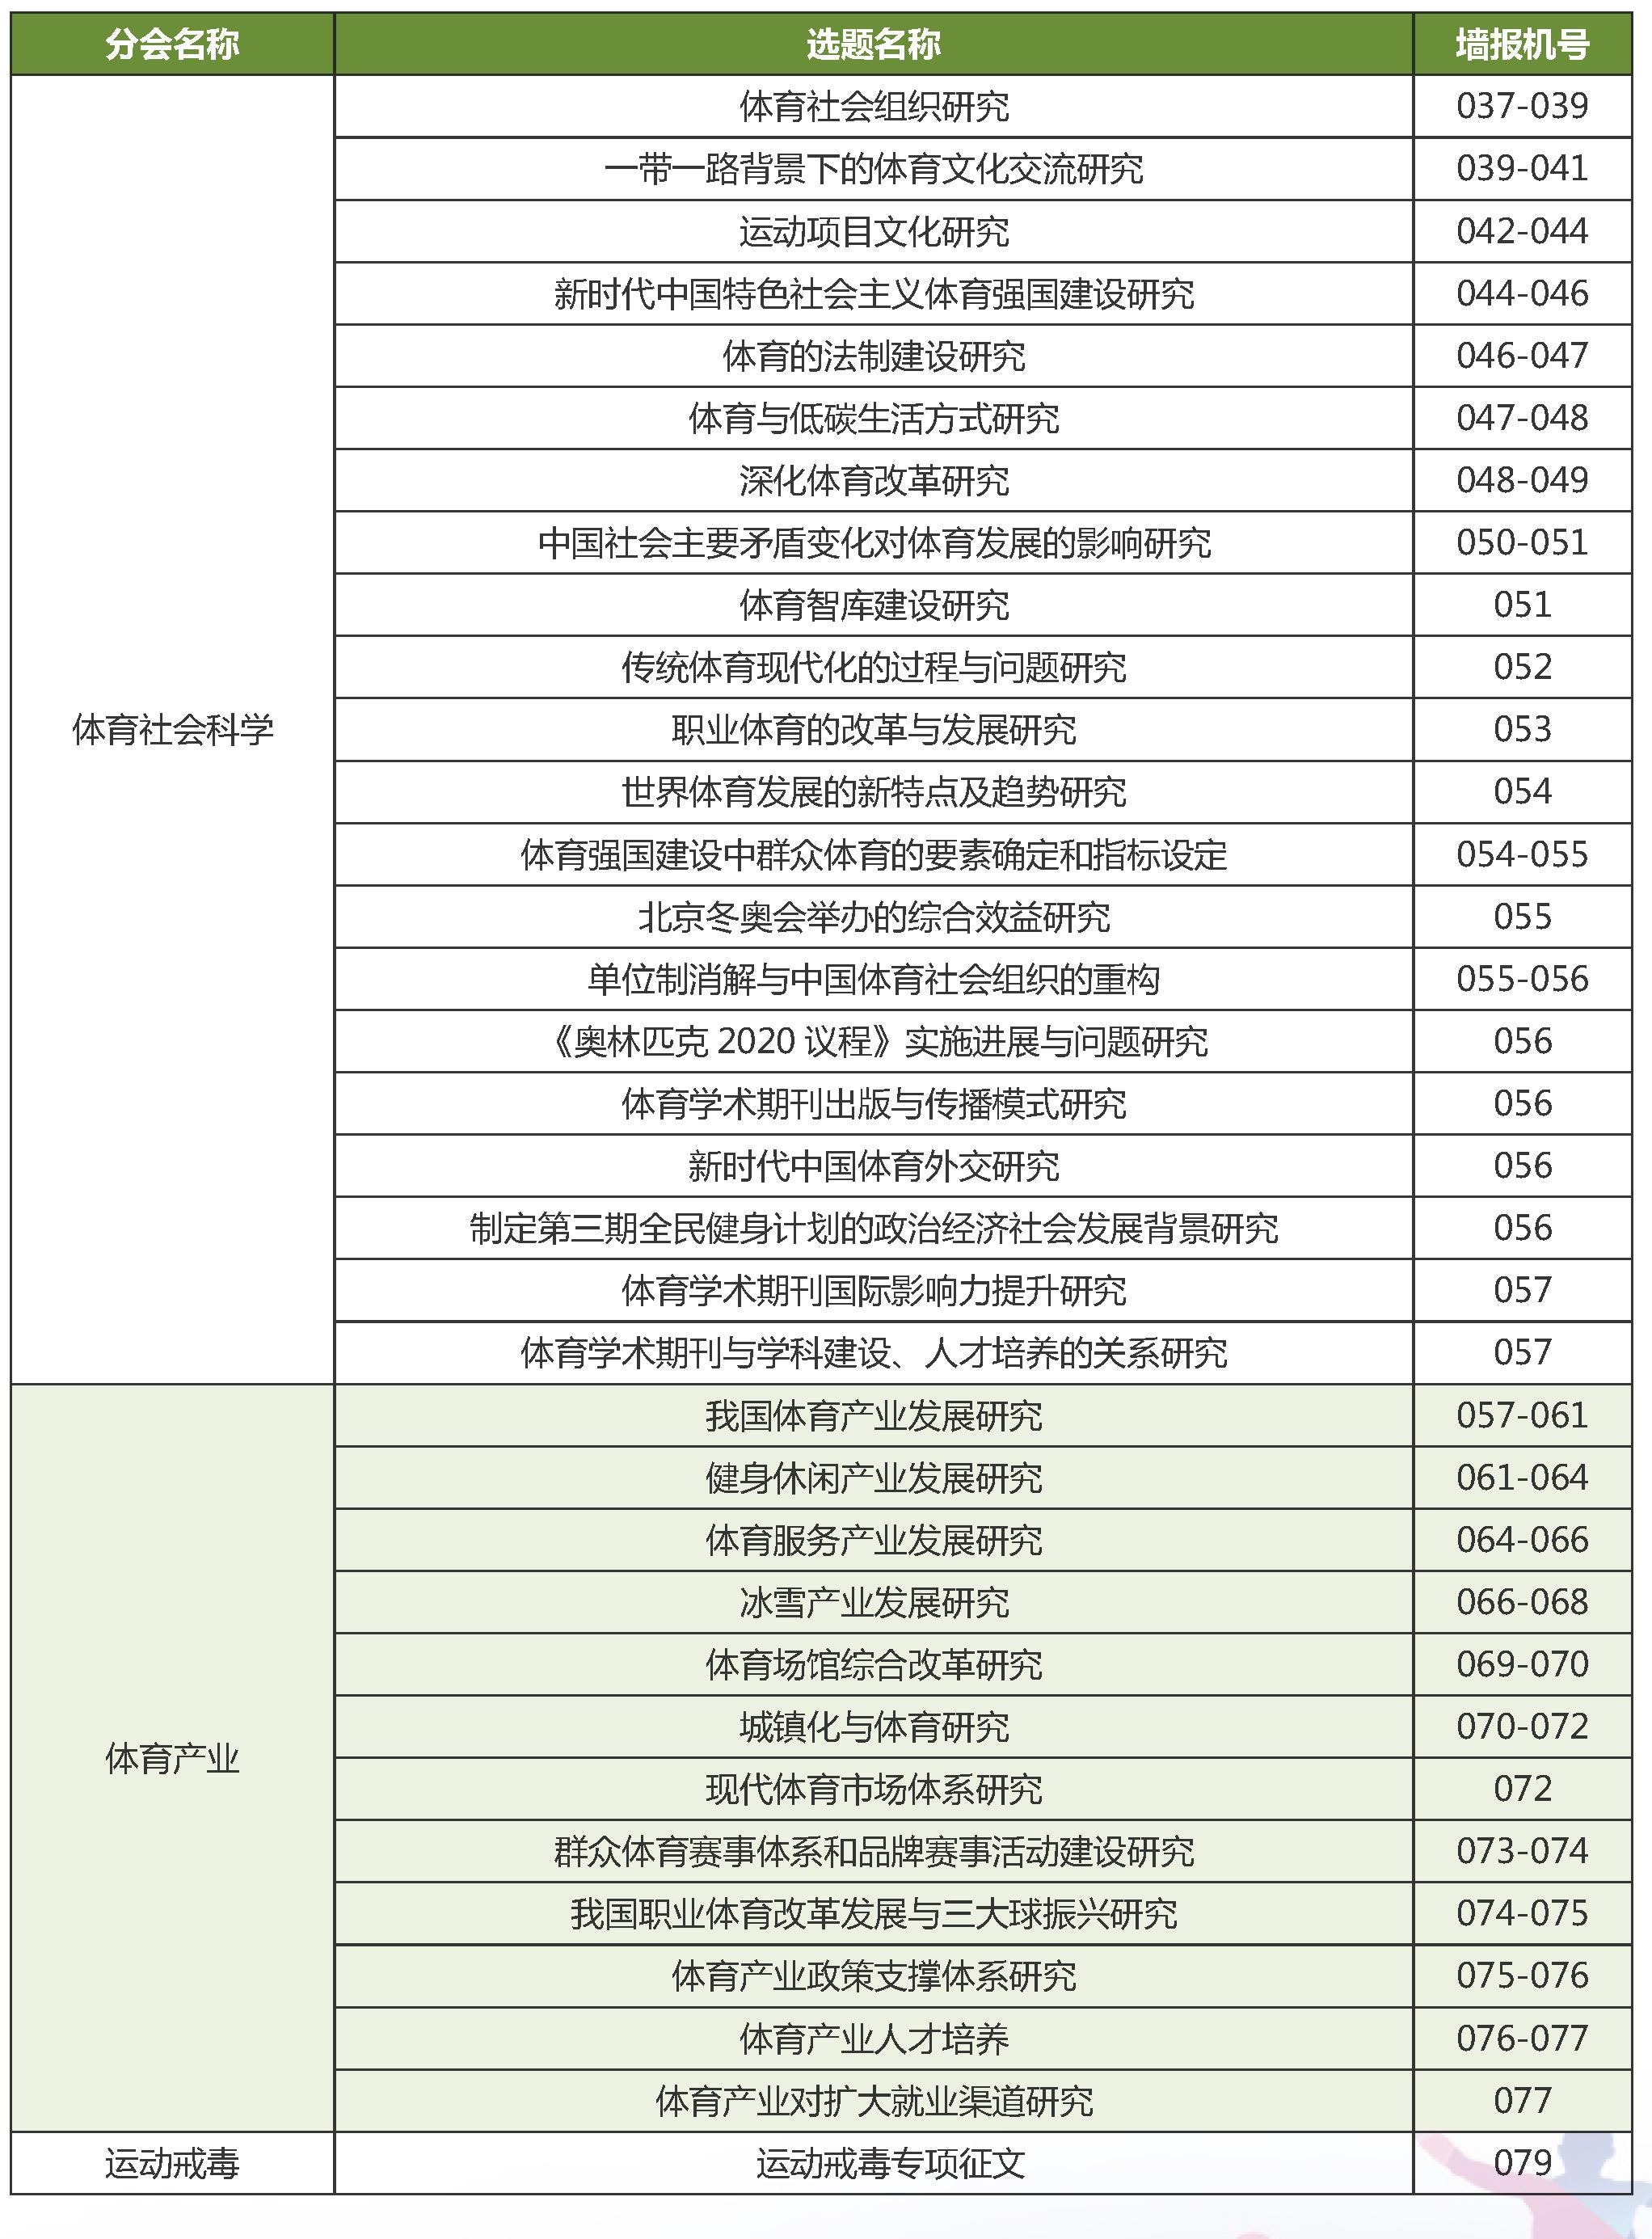 会议指南20191024-5_页面_030.png